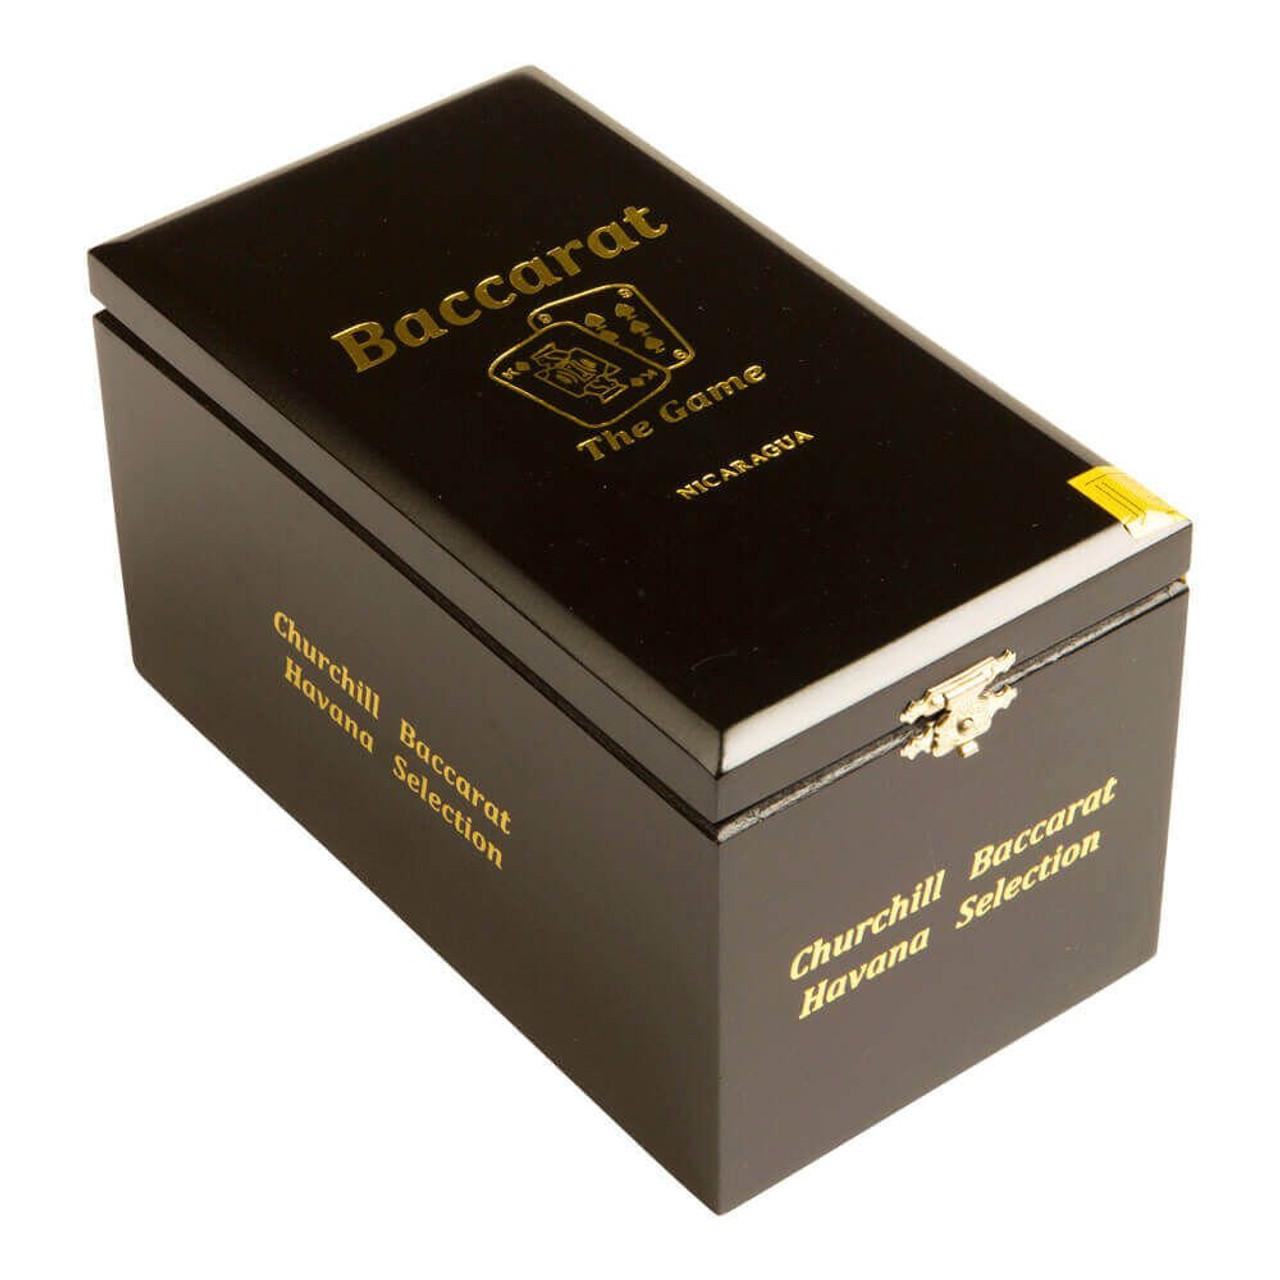 Baccarat Nicaragua Toro Cigars - 6 x 50 (Box of 25)